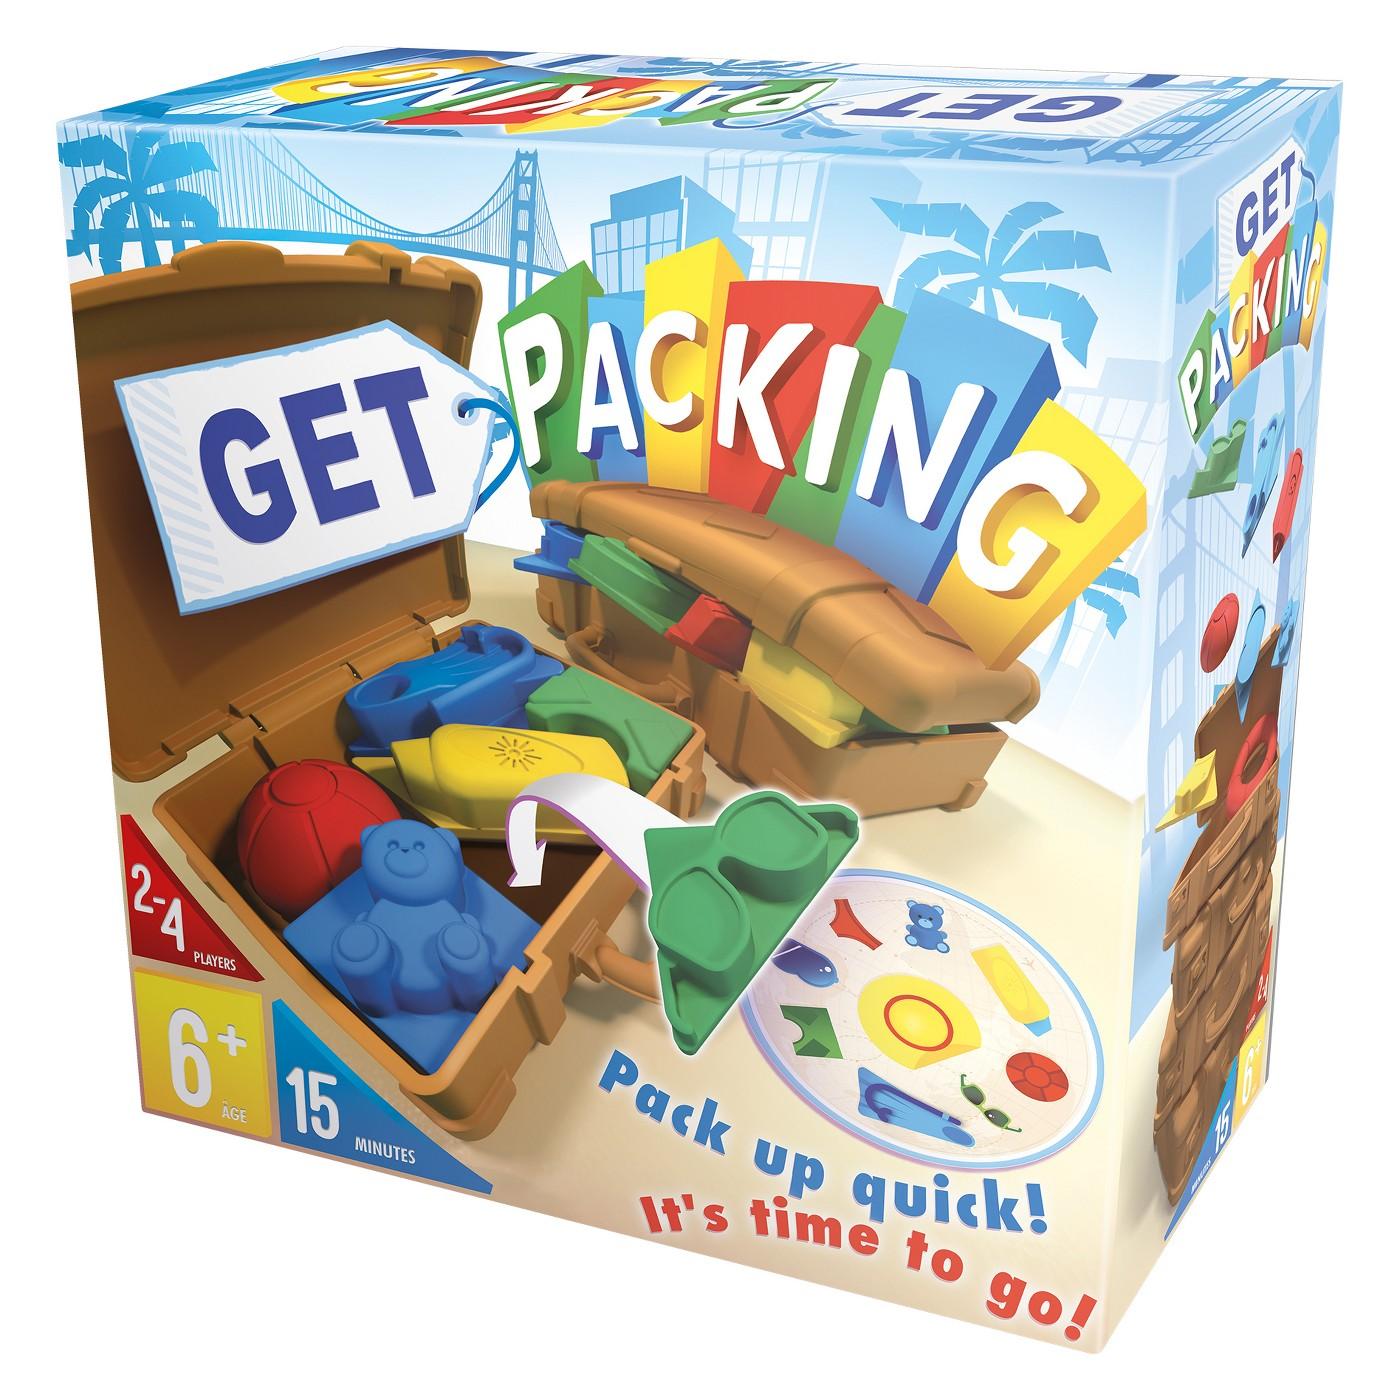 Asmodee - Get Packing Game - image 1 of 3